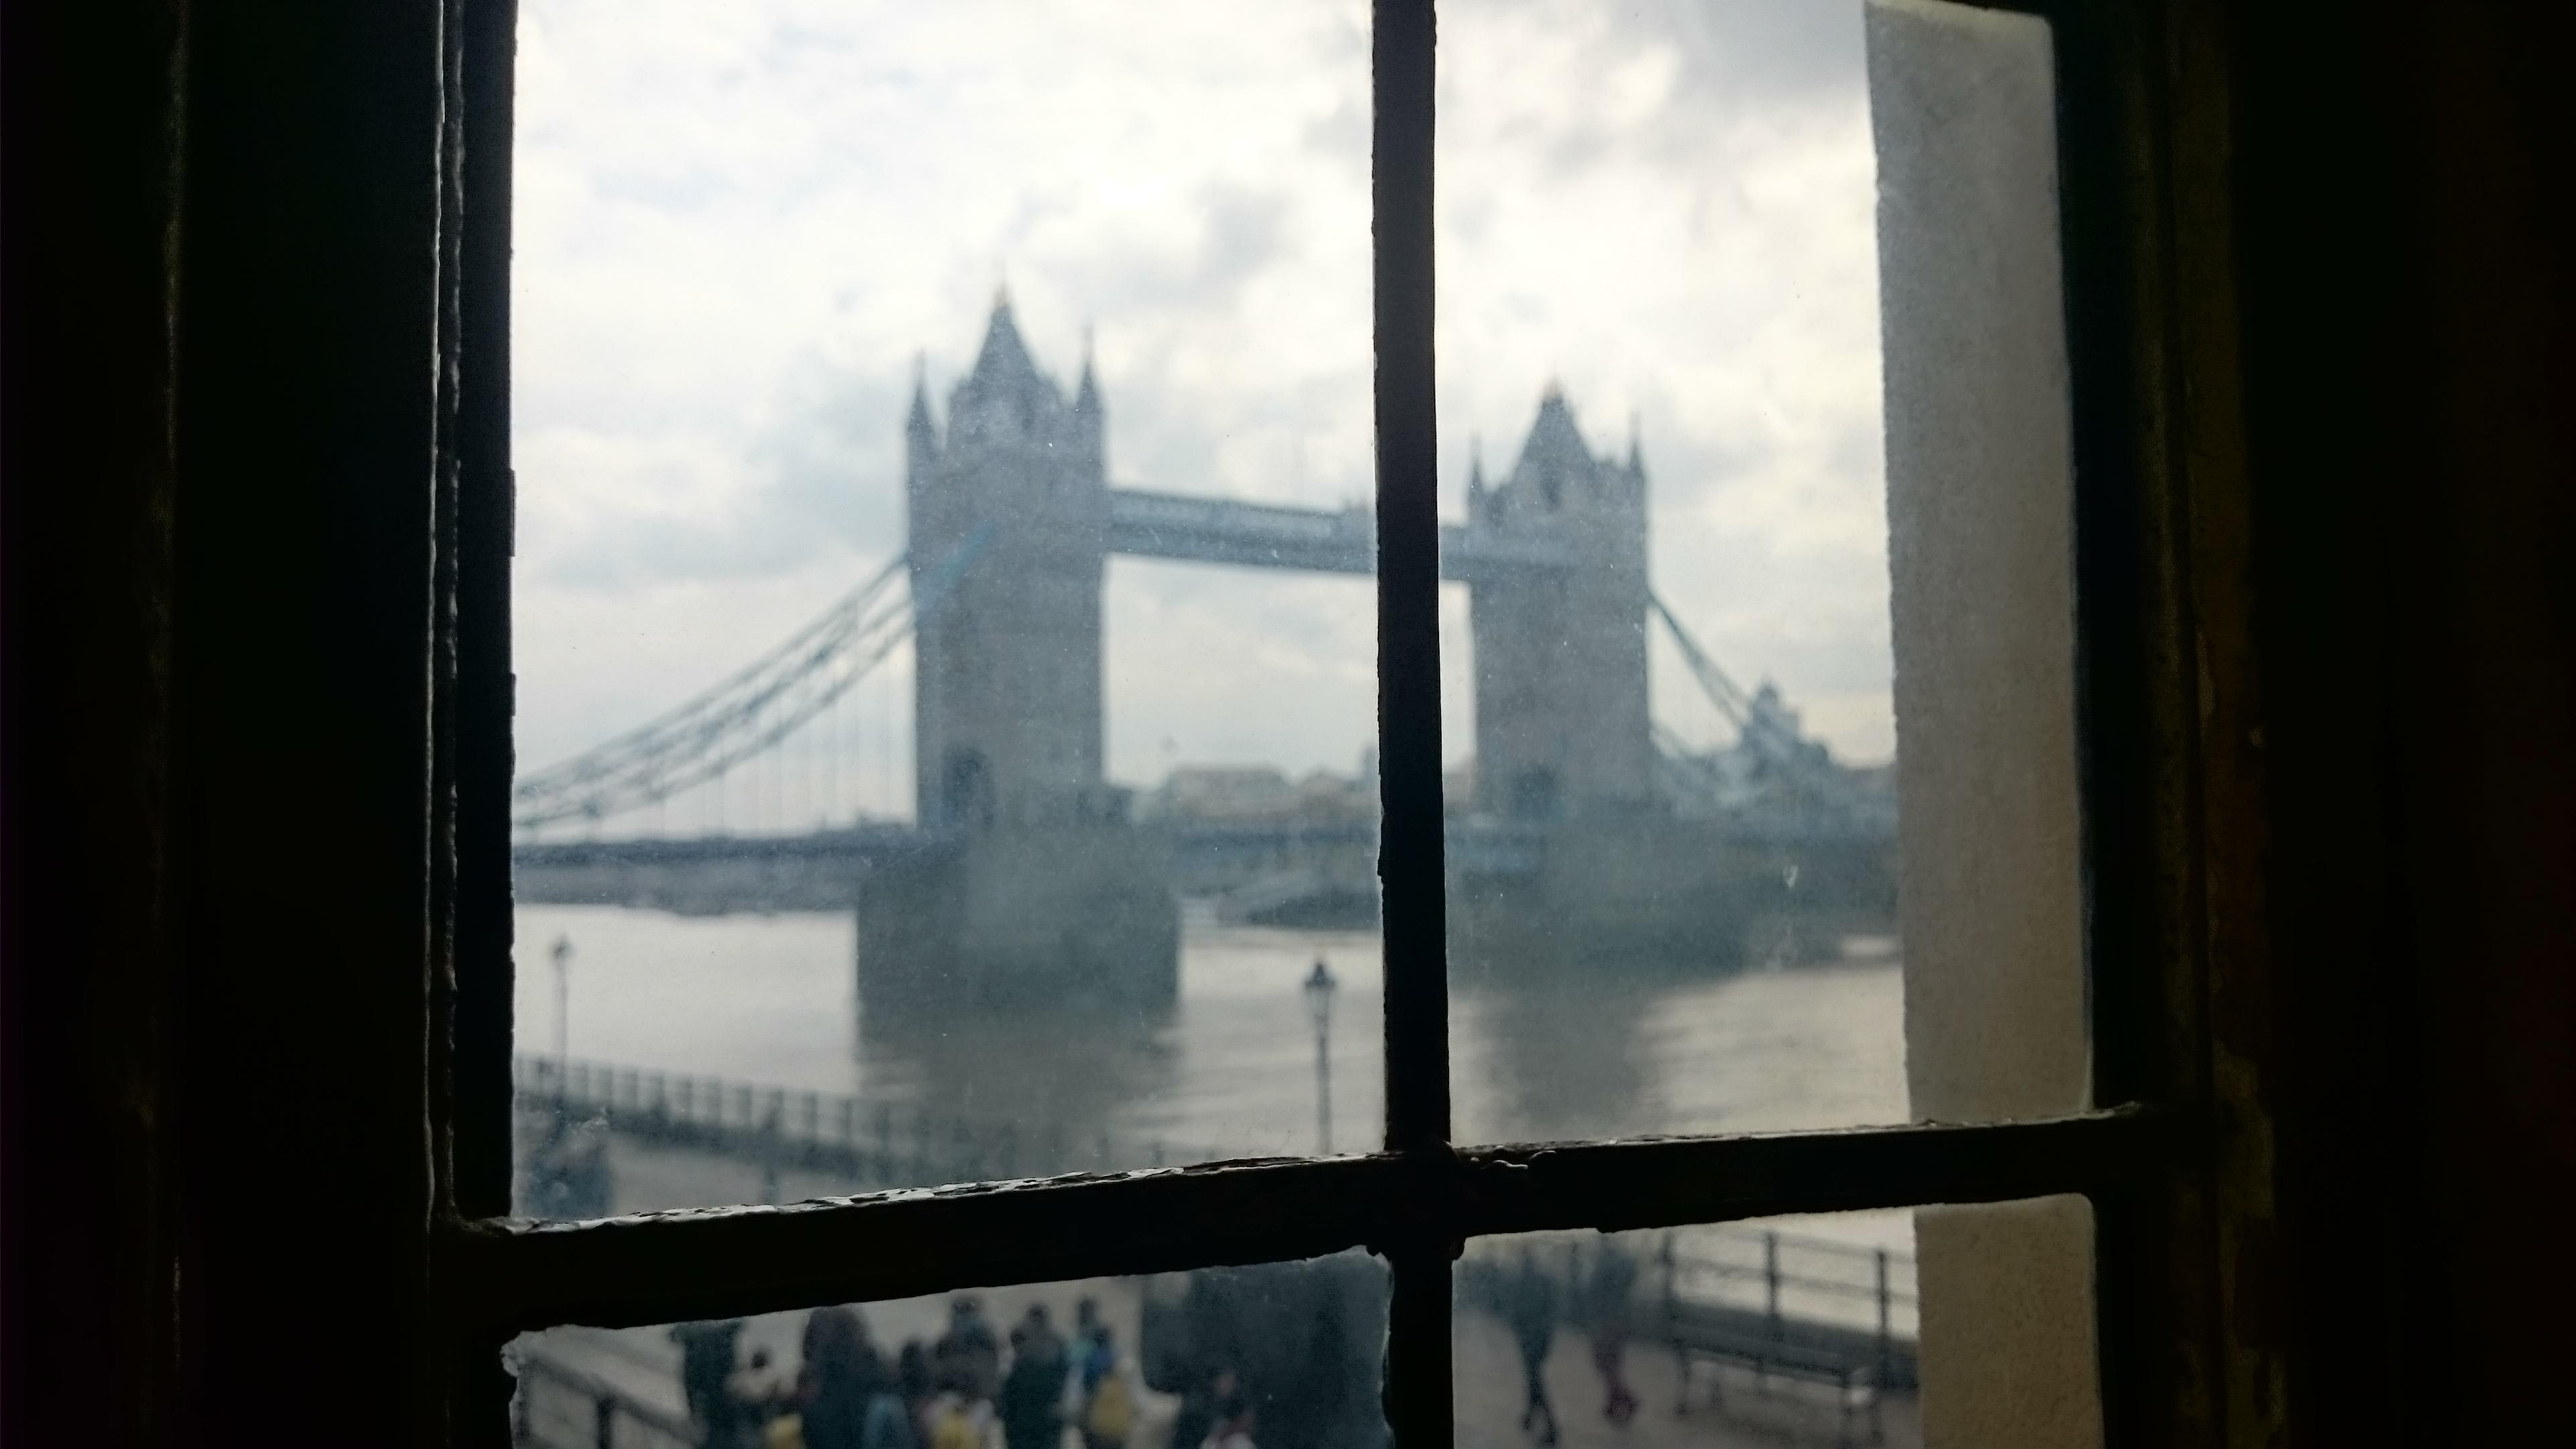 DSC 0619 - Visitando la Torre de Londres